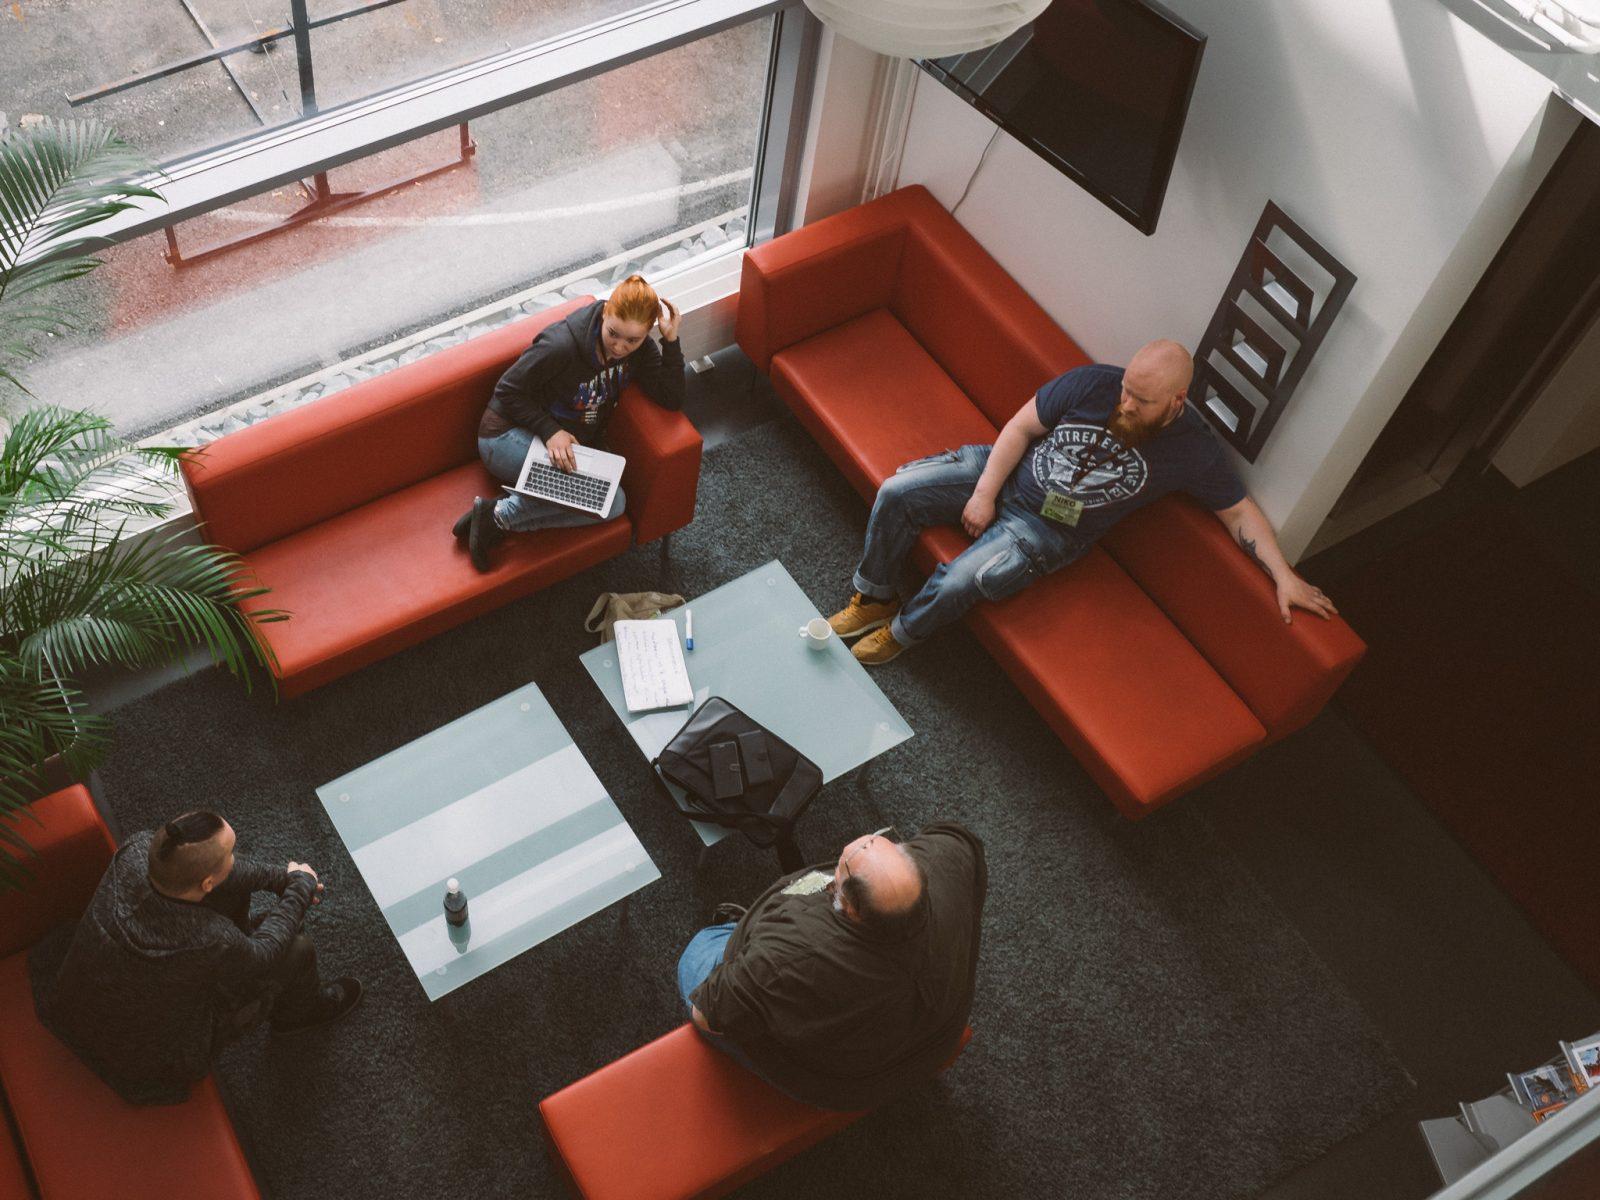 Neljä henkilöä istuu punaisilla sohvilla.